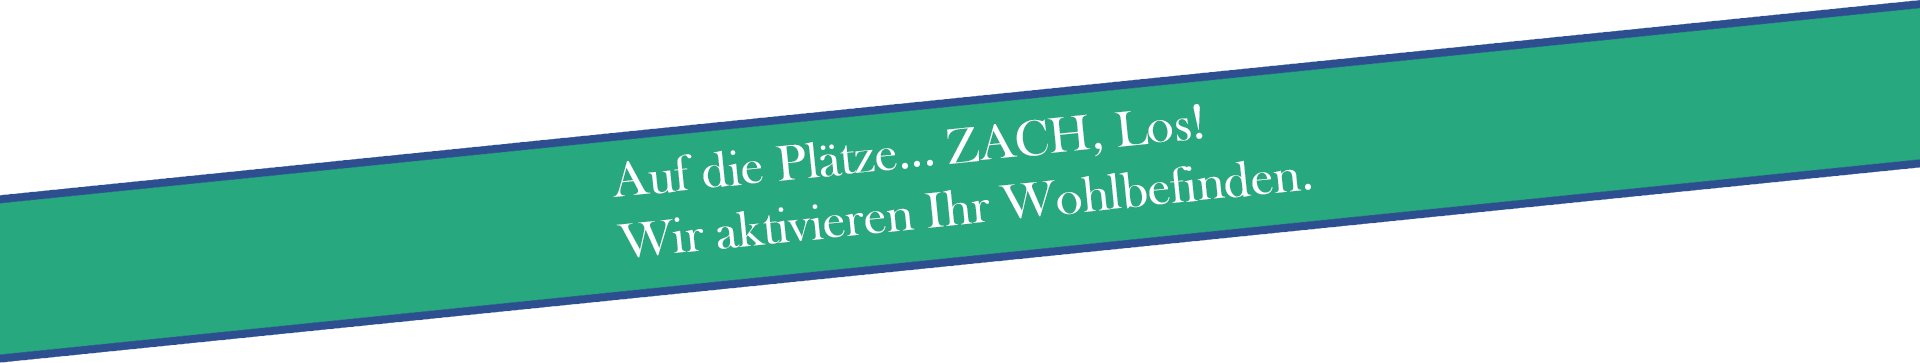 Werbeagentur Wald - Grafikdesign